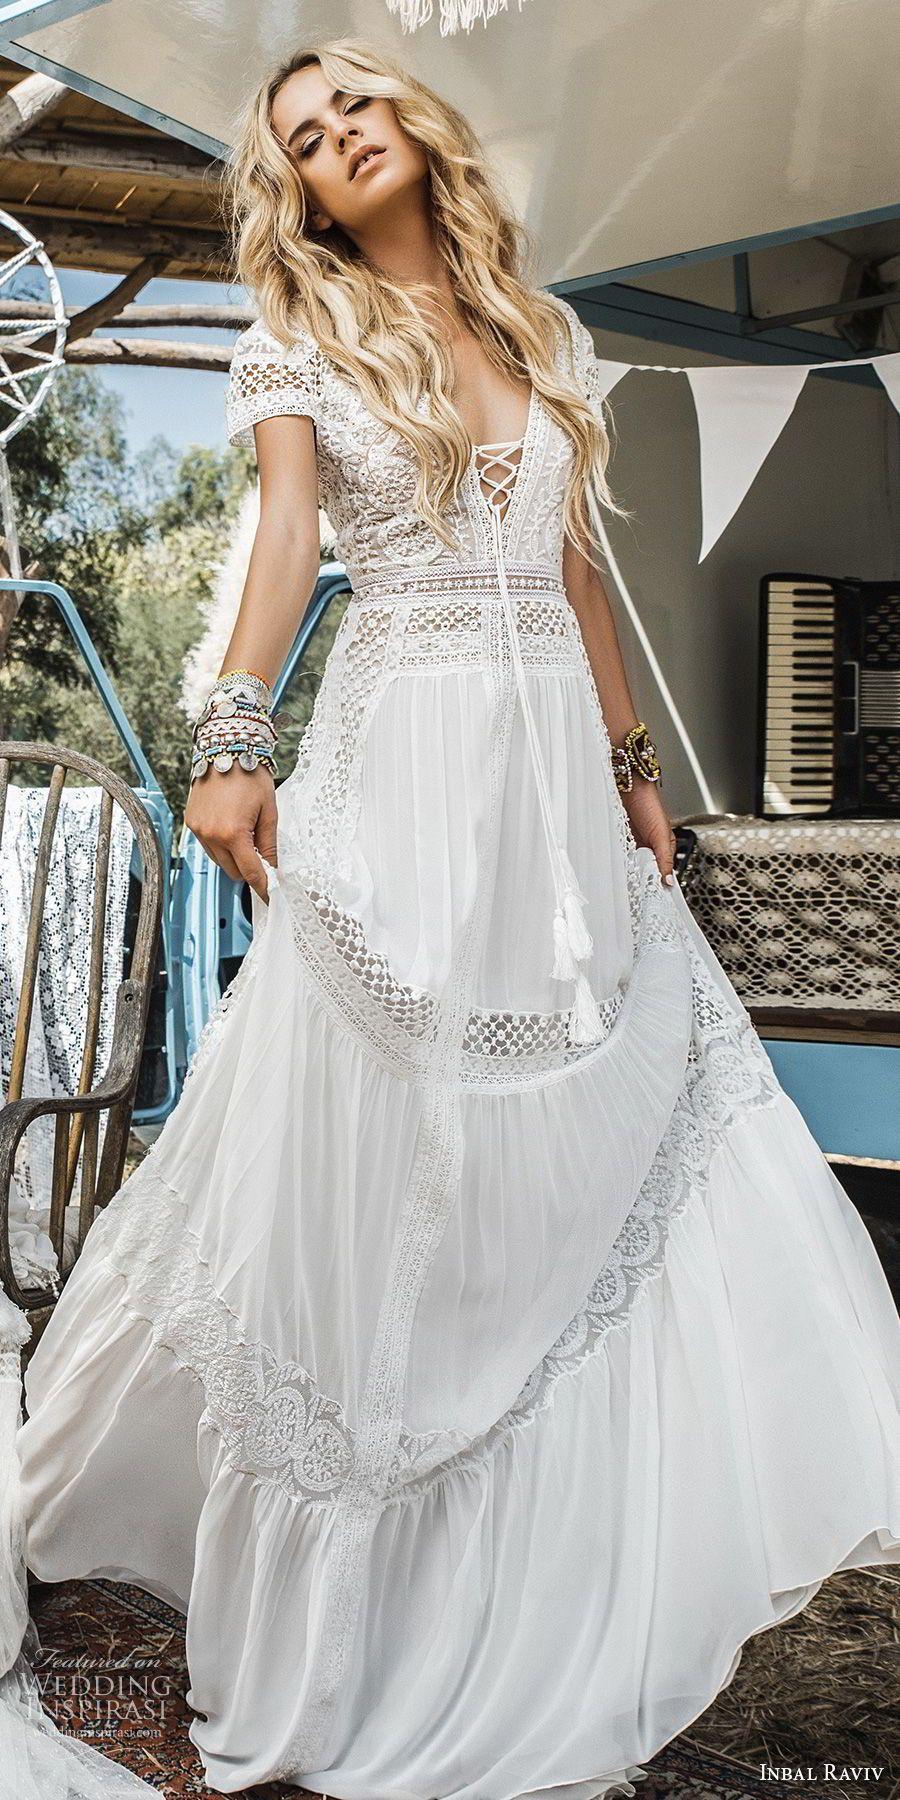 Inbal raviv bridal sjprt sleeves deep v neck heavily